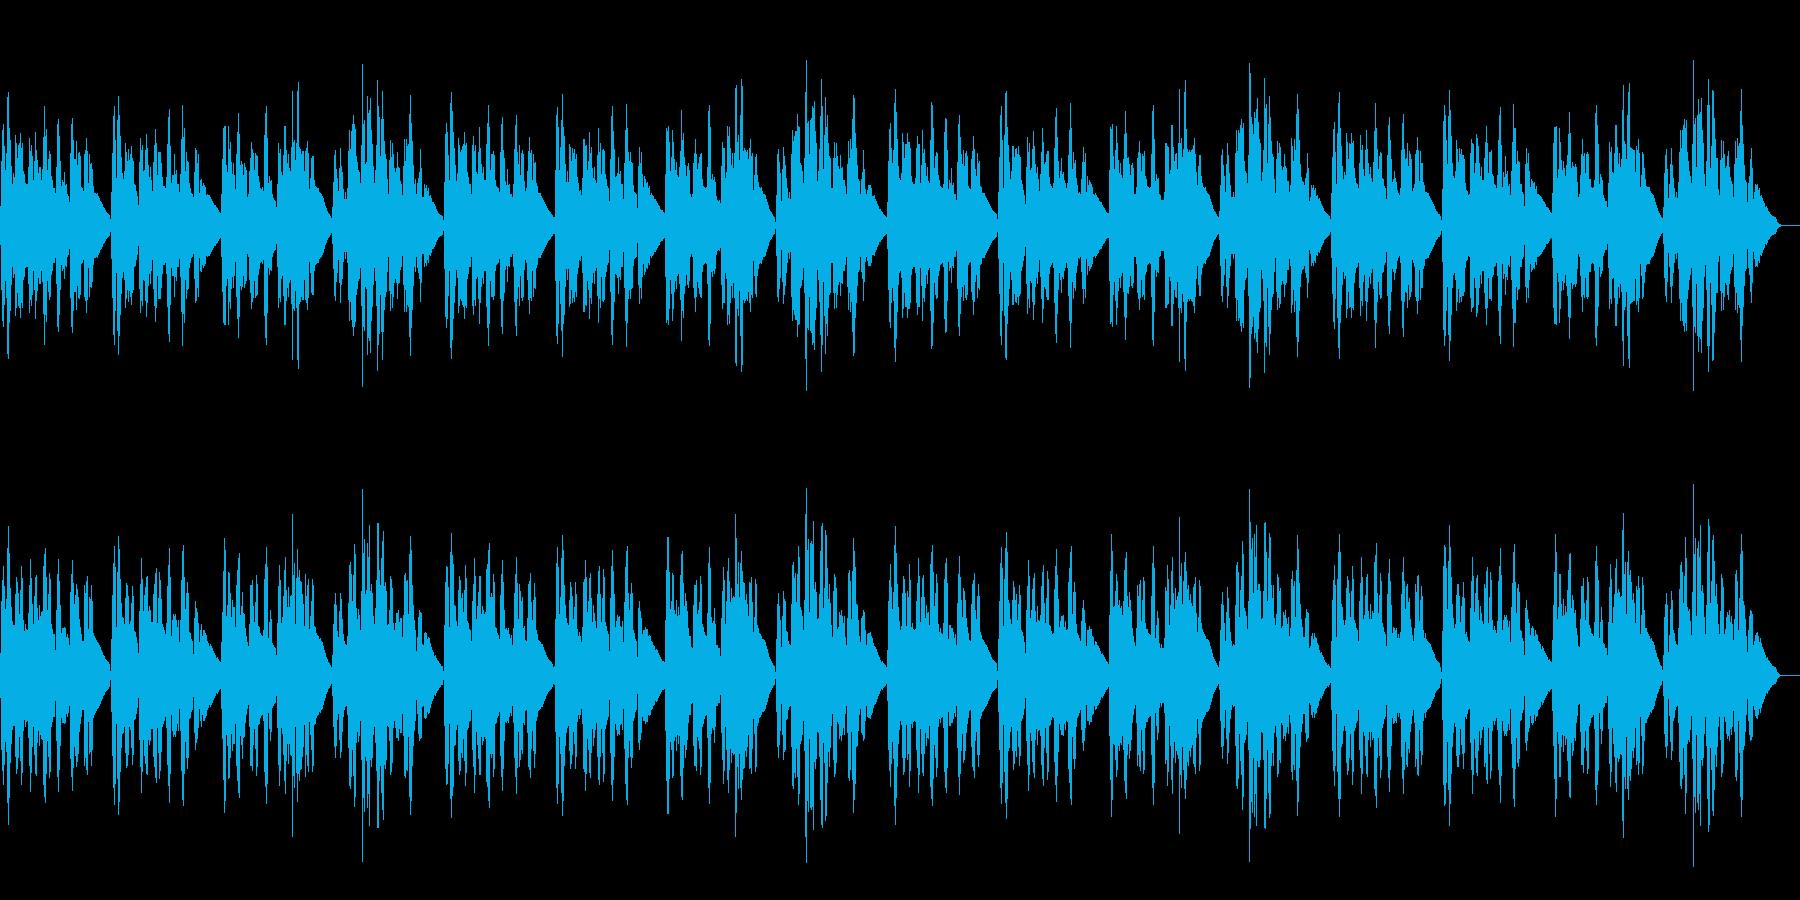 「仰げば尊し」のバイオリンソロの再生済みの波形